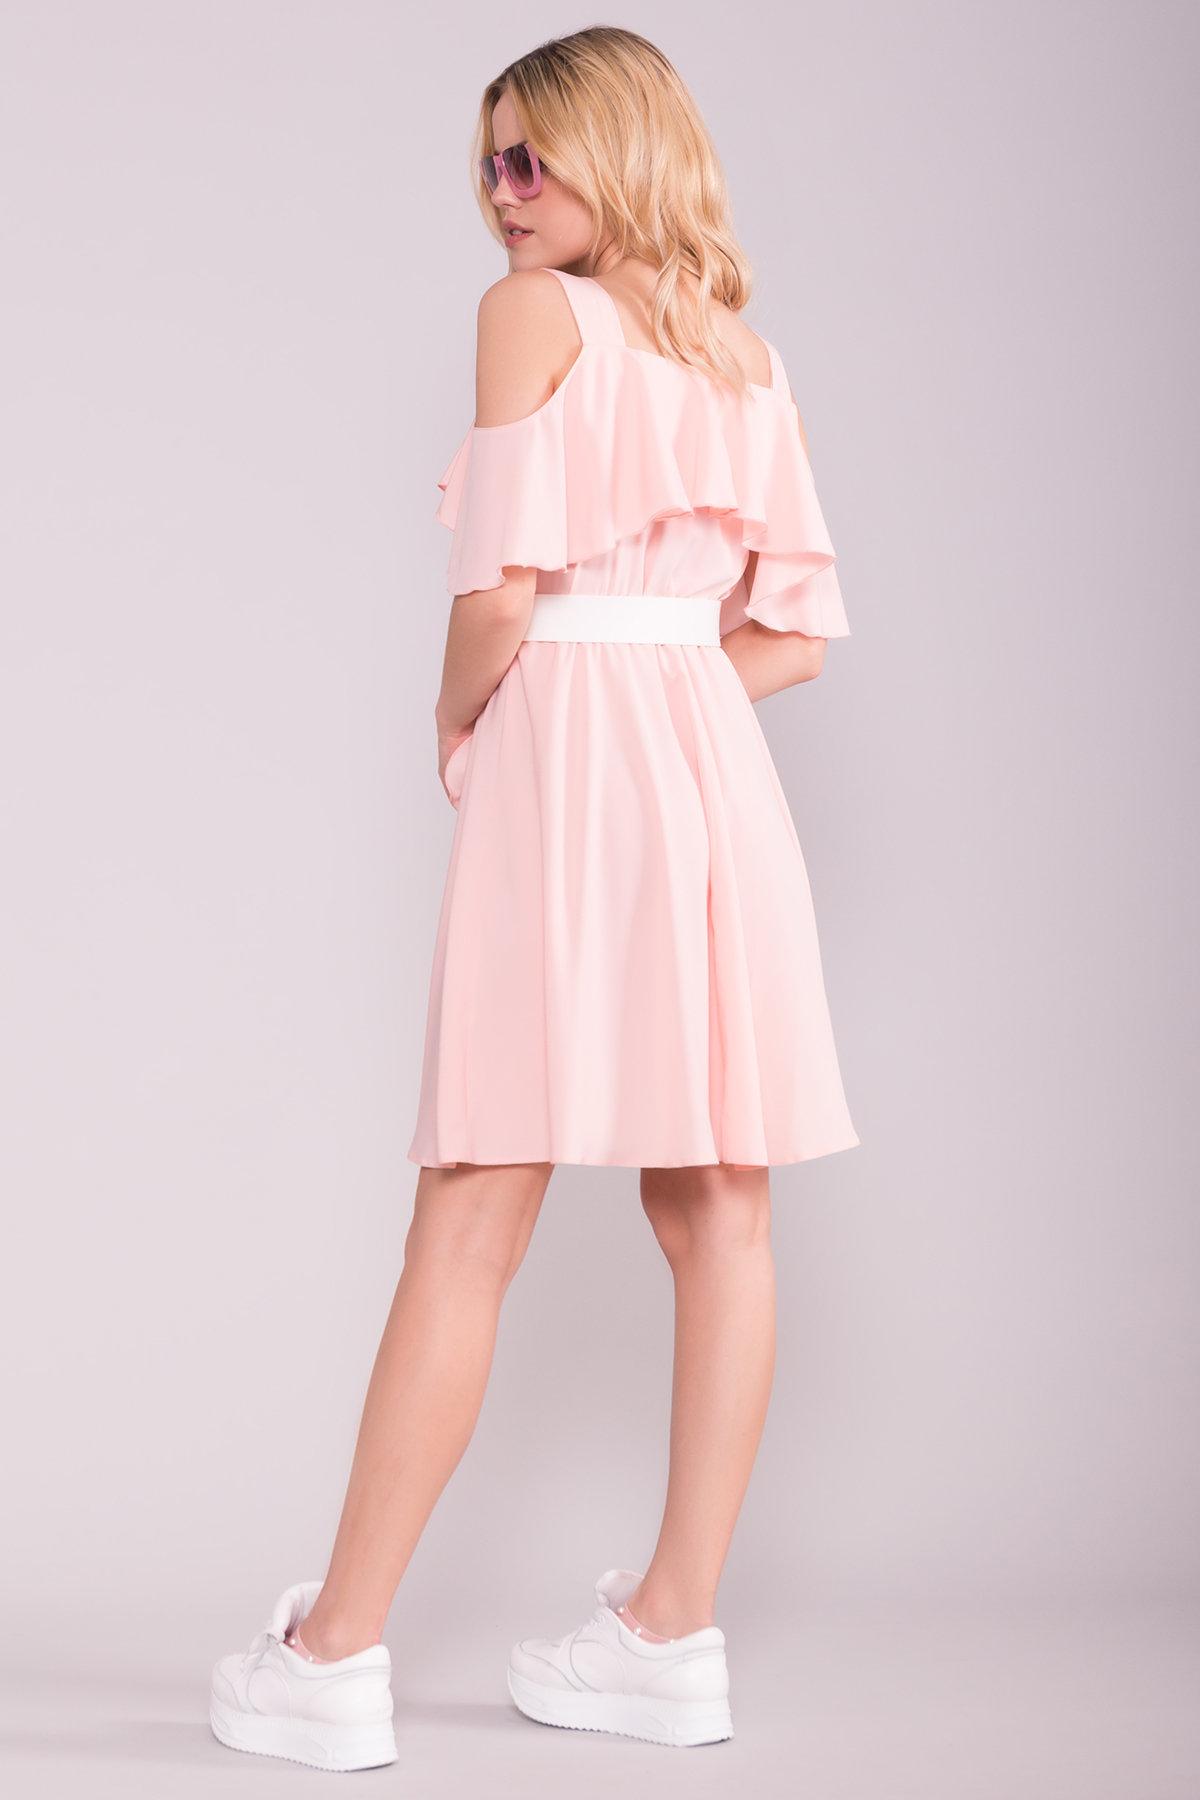 Платье Нуара 7358 АРТ. 43102 Цвет: Пудра 7 - фото 2, интернет магазин tm-modus.ru